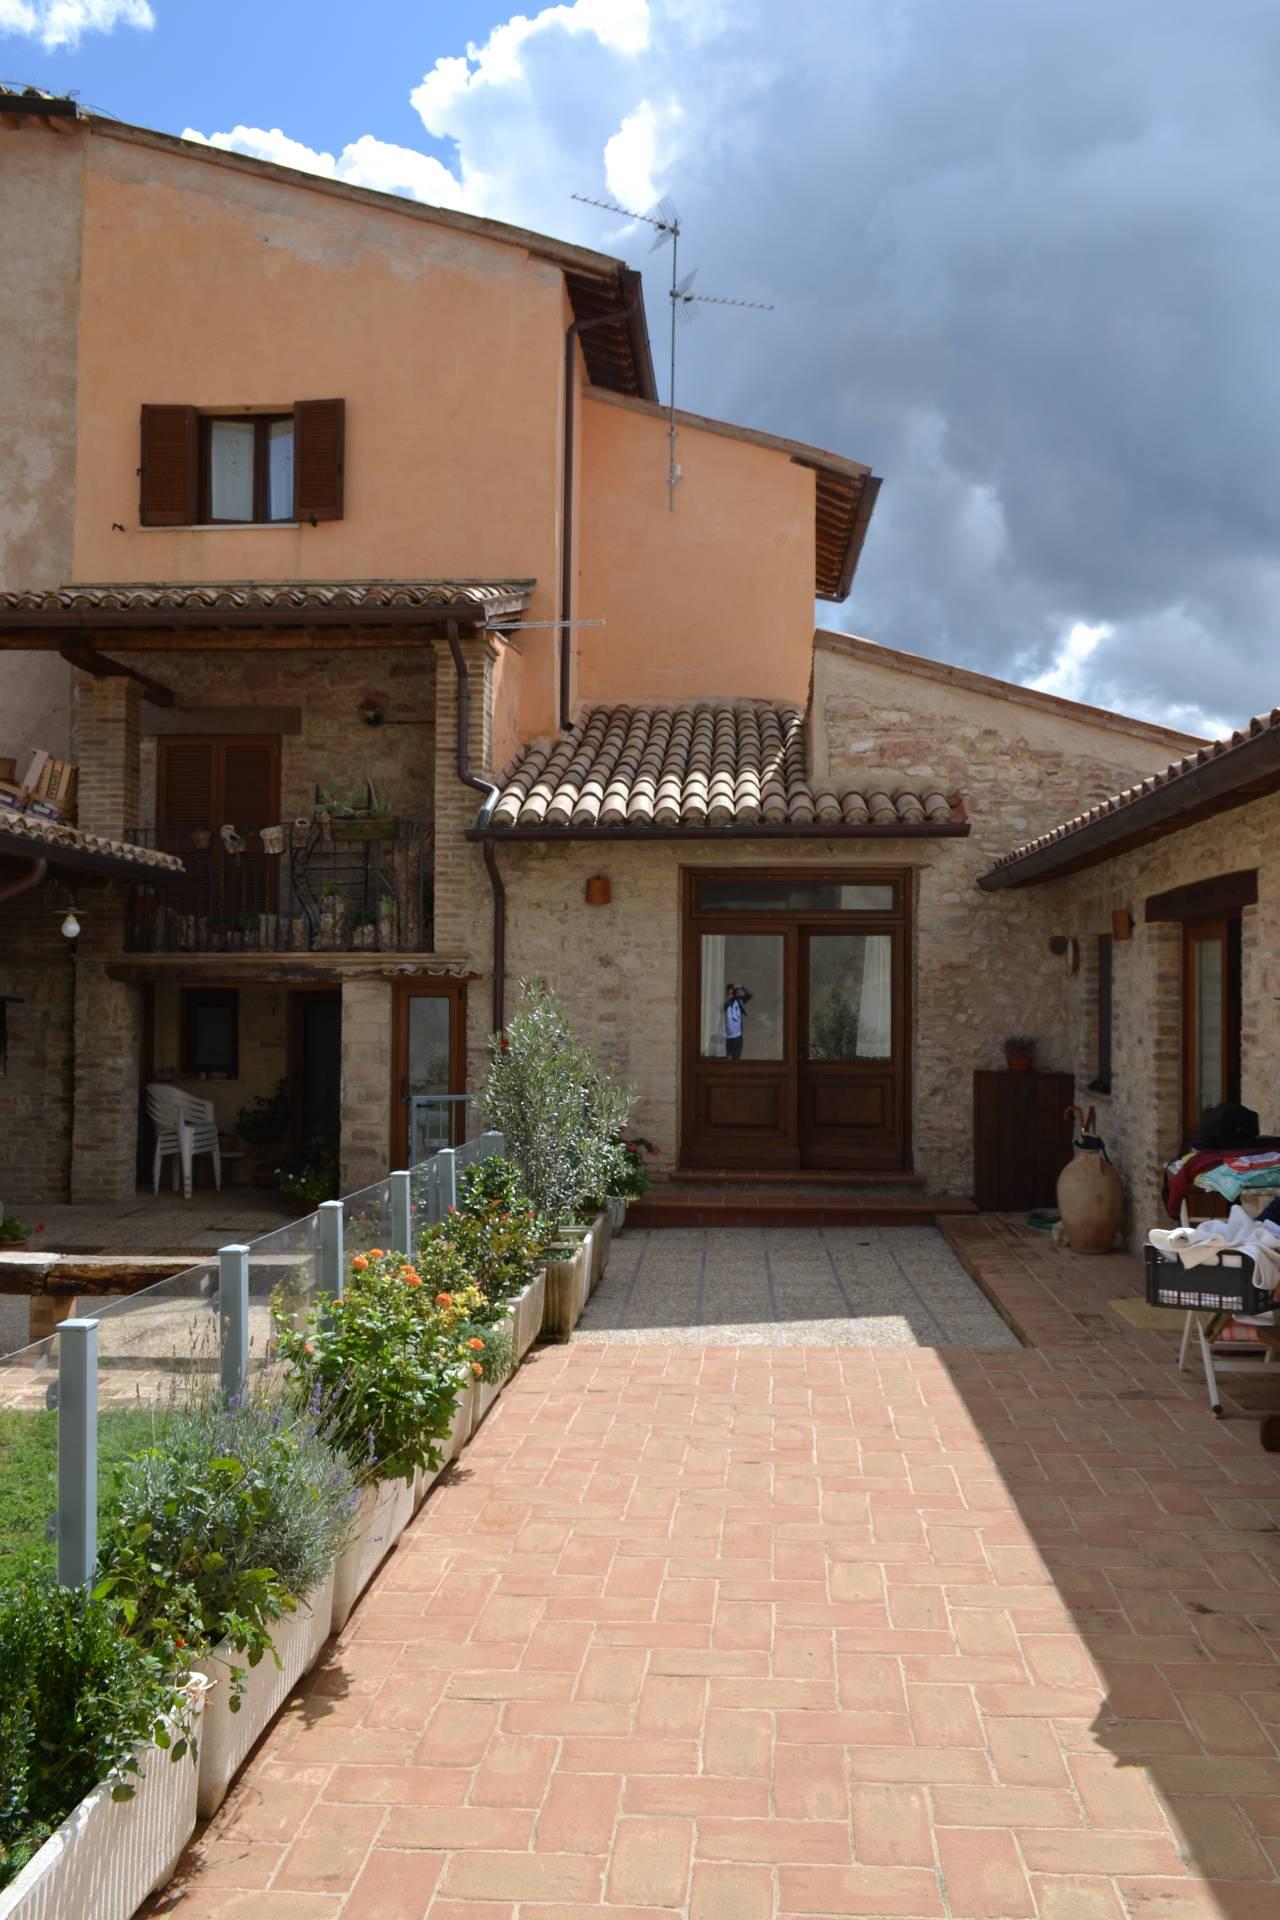 Appartamento in vendita a Giano dell'Umbria, 3 locali, prezzo € 115.000   CambioCasa.it